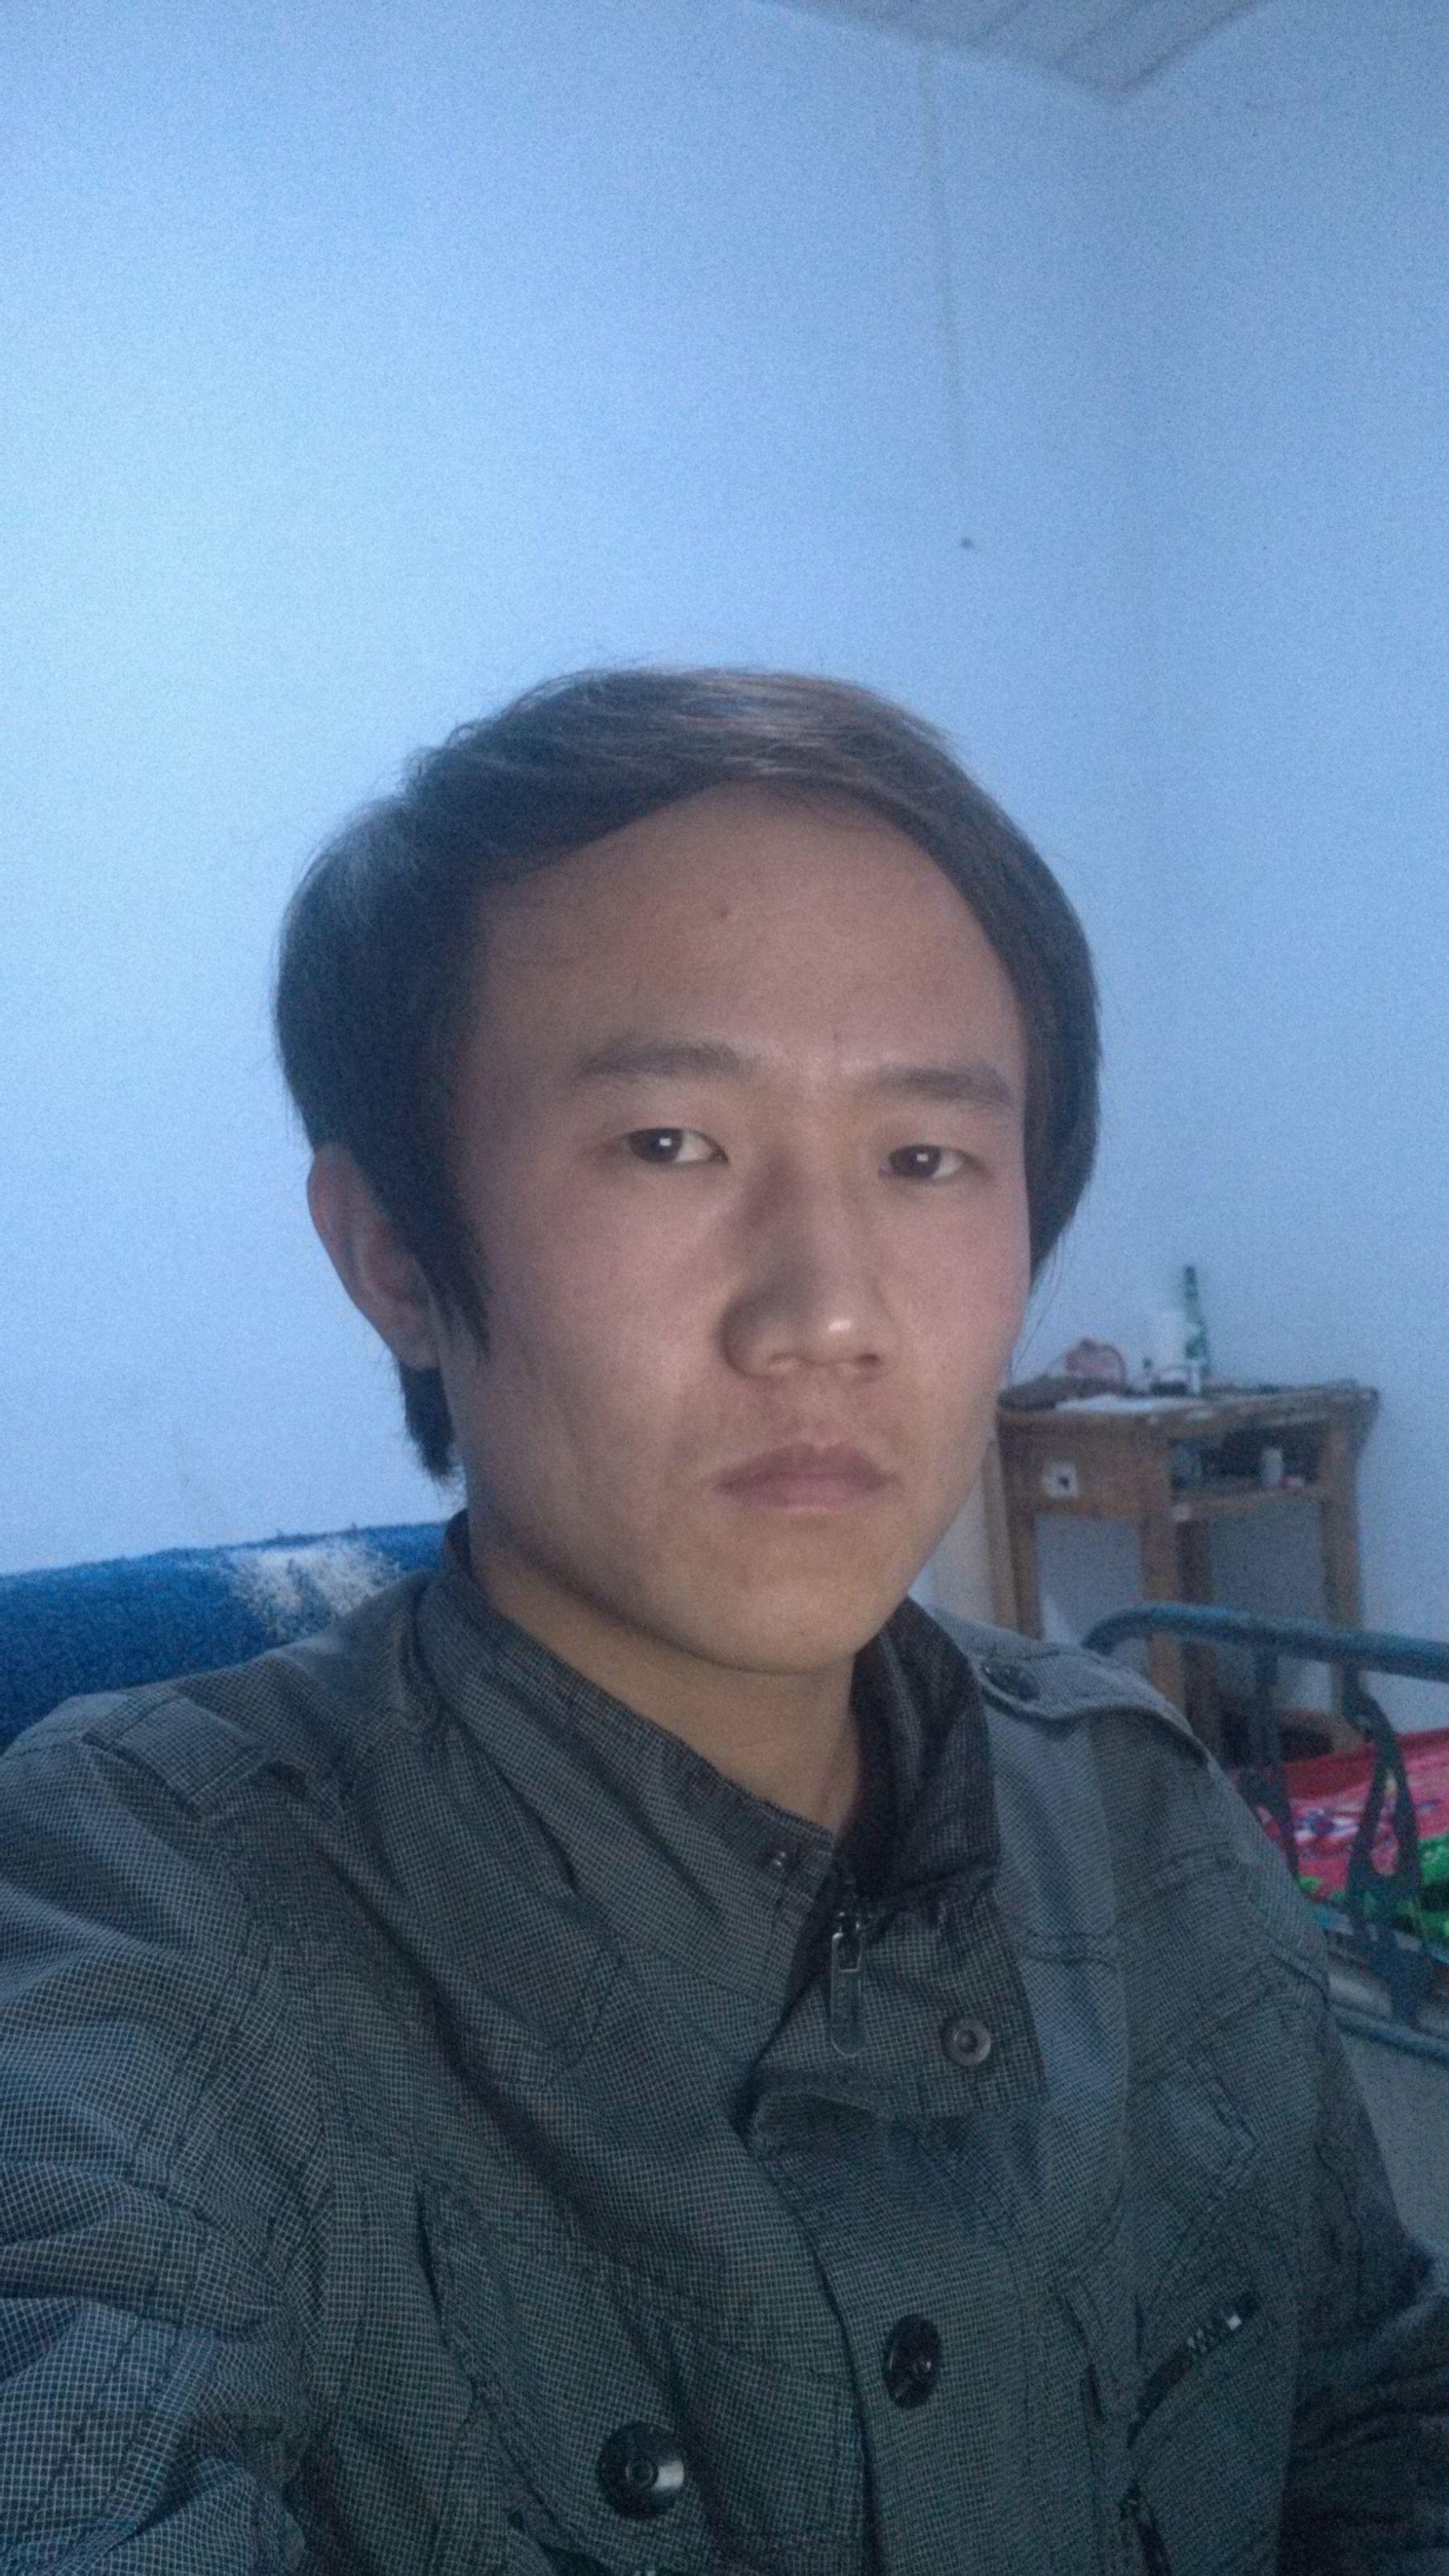 前额头发突出,两边少_额头两边头发少,发质软适合莫西干发型吗?如果不适合该剪 ...